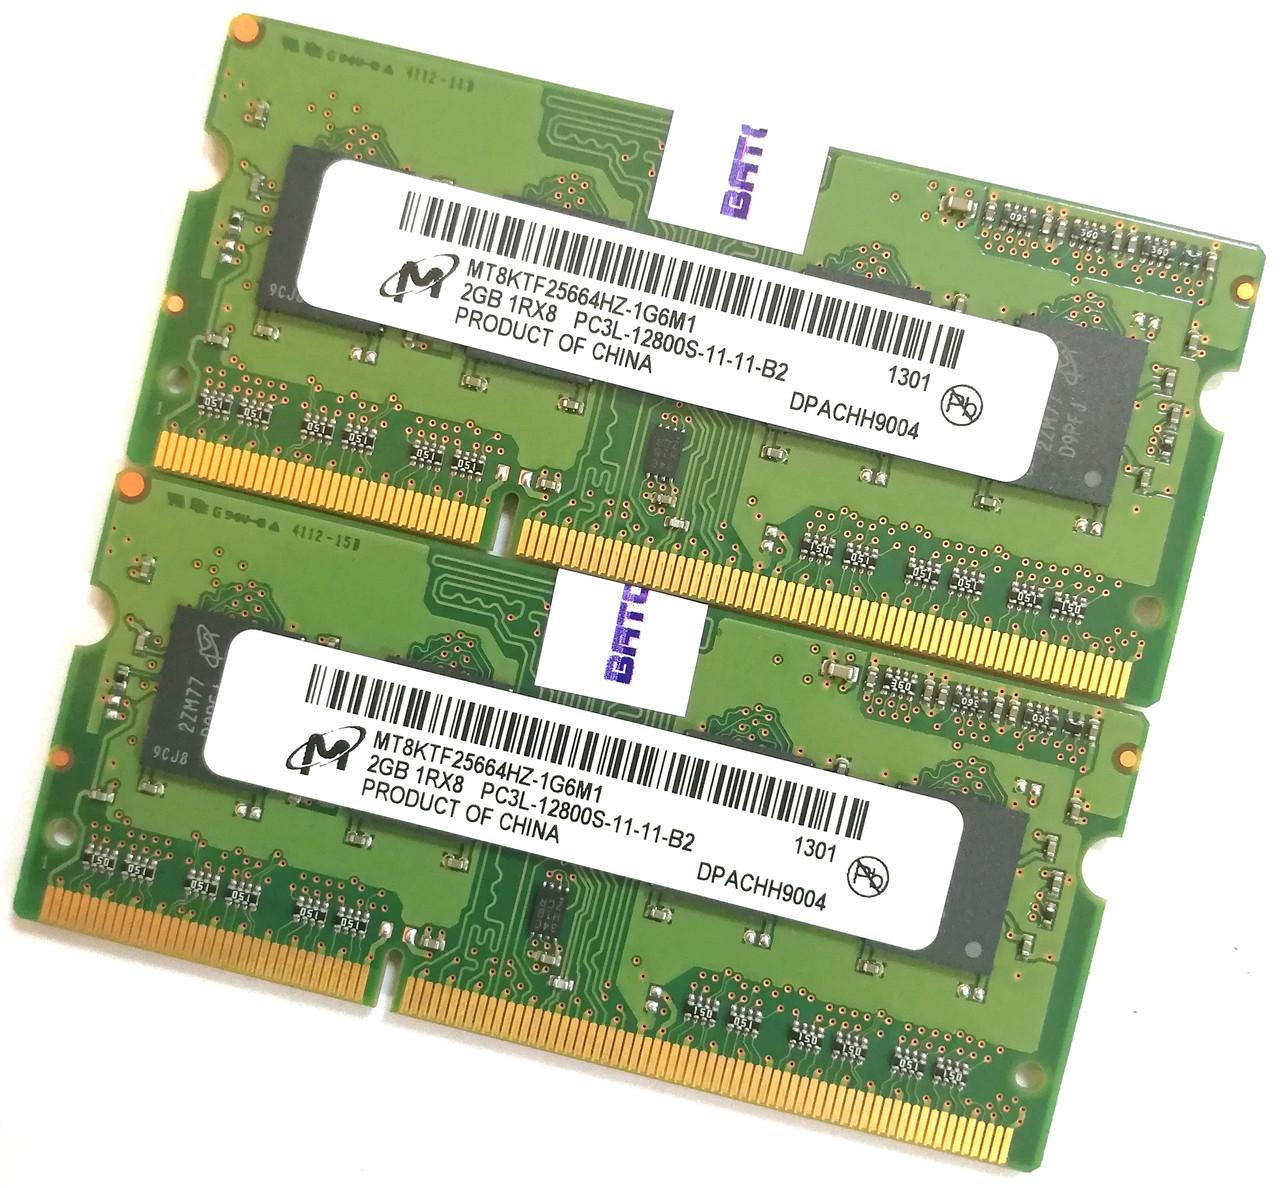 Оперативная память для ноутбука Micron SODIMM DDR3L 4Gb (2Gb+2Gb) 1600MHz 12800 CL11 (MT8KTF25664HZ-1G6M1) Б/У